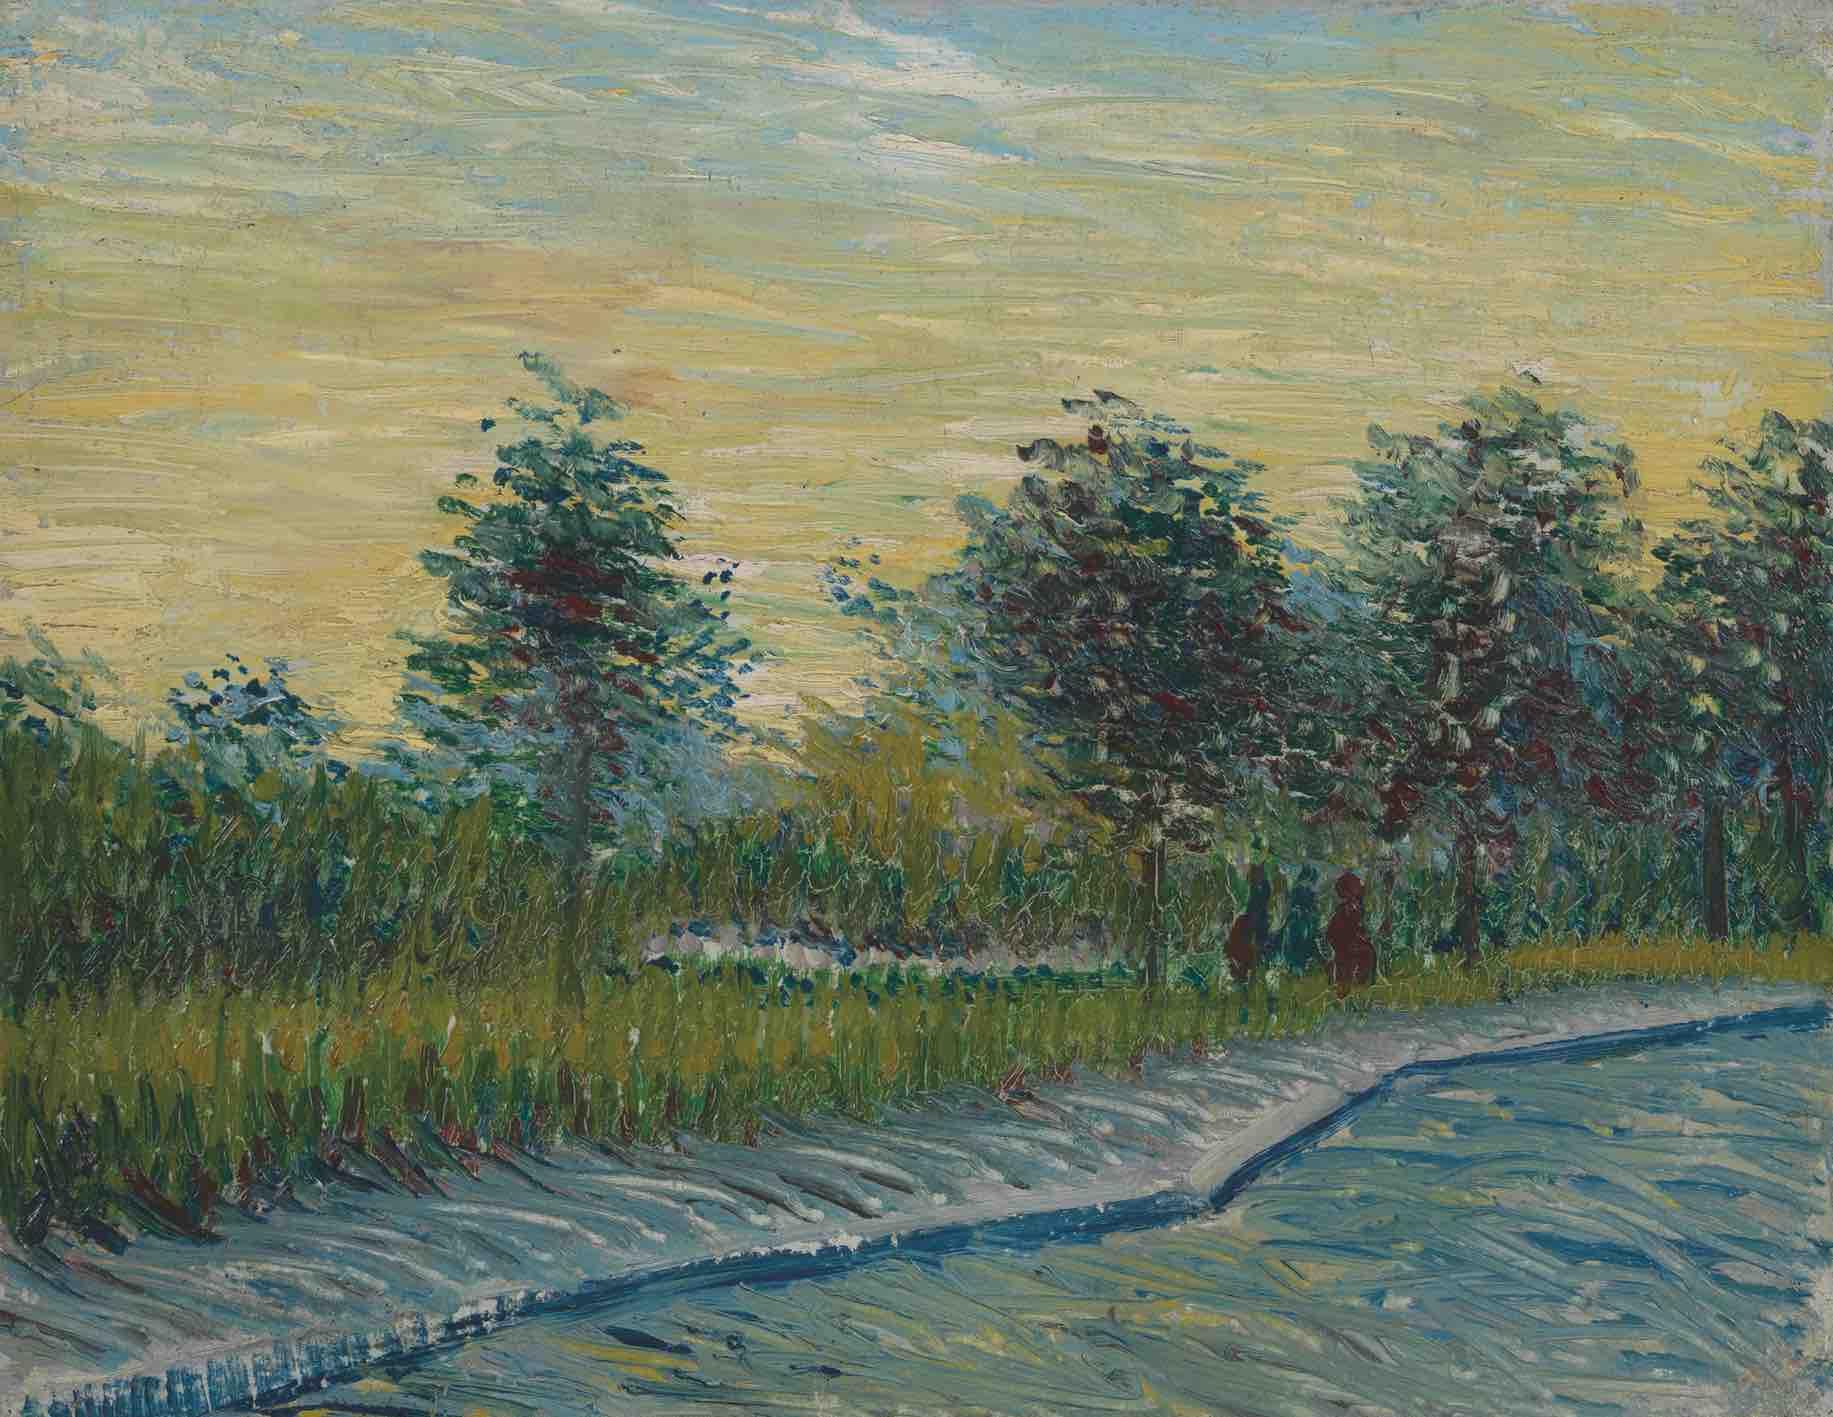 Vincent van Gogh, Square Saint-Pierre au coucher du soleil, Paris, mai 1887. Huile sur carton, 33 x 42 cm. Van Gogh Museum, Amsterdam (Vincent van Gogh Foundation).